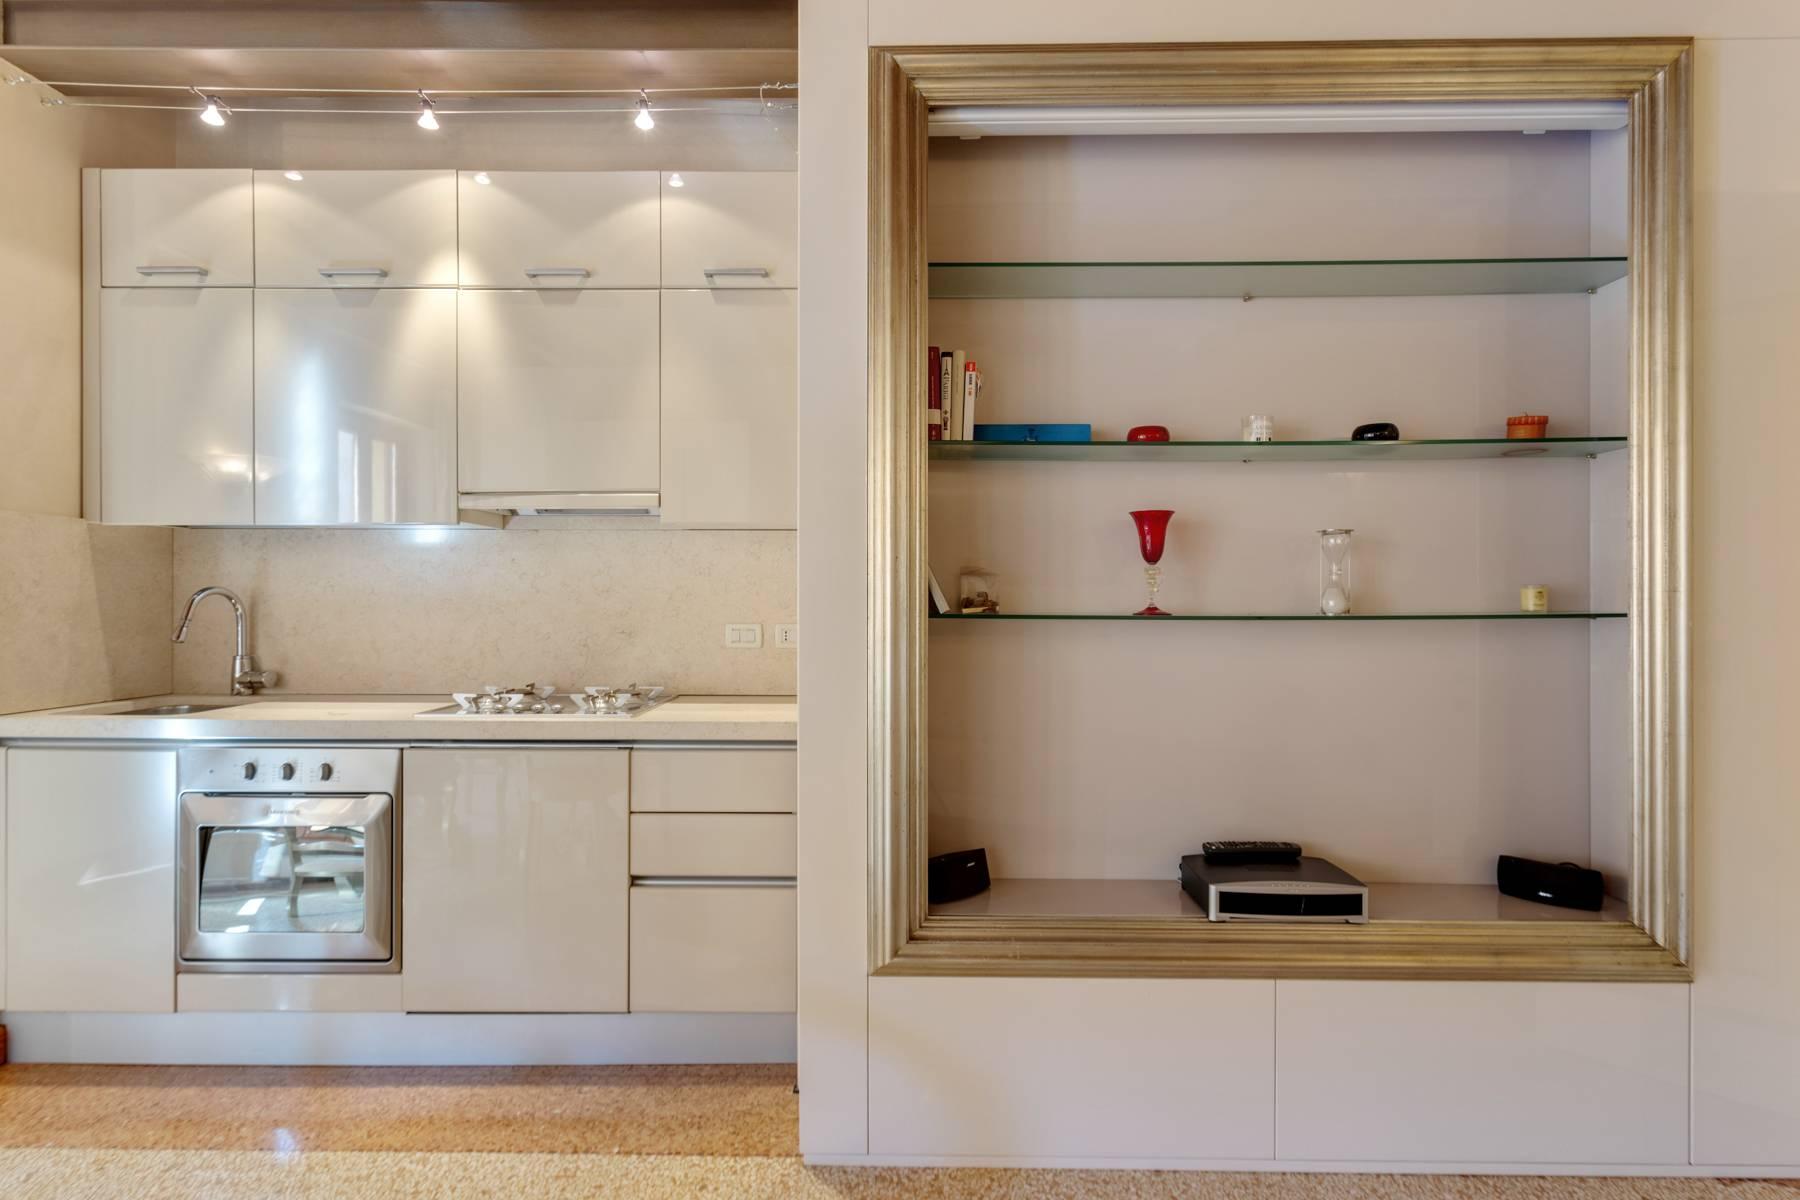 Appartamento in Vendita a Verona: 3 locali, 55 mq - Foto 5